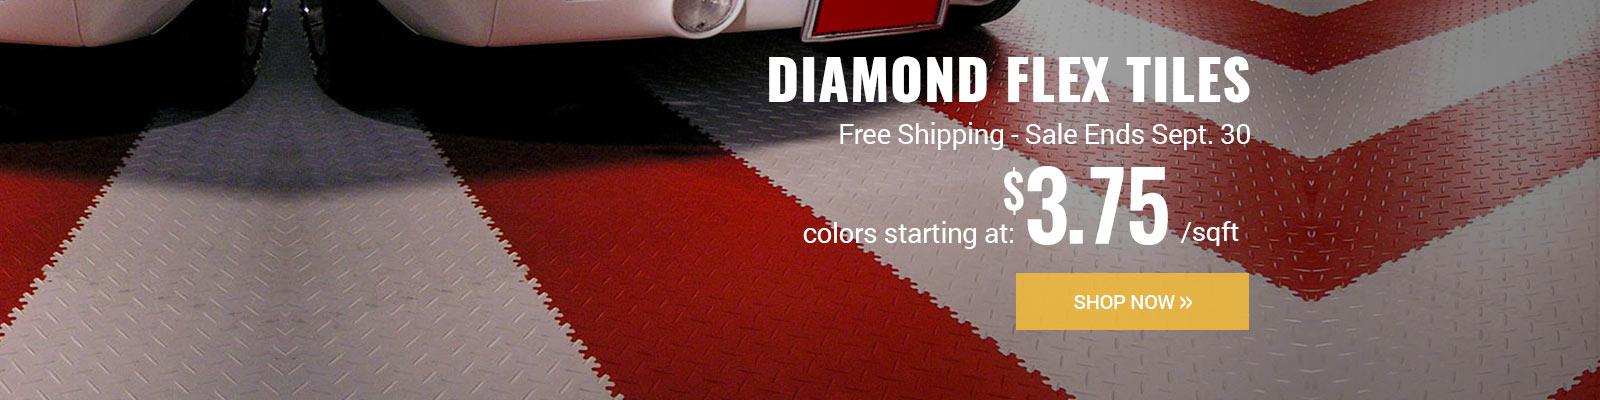 Garage Flooring Inc Garage Matting Garage Tiles Garage Cabinets - Mate flex flooring